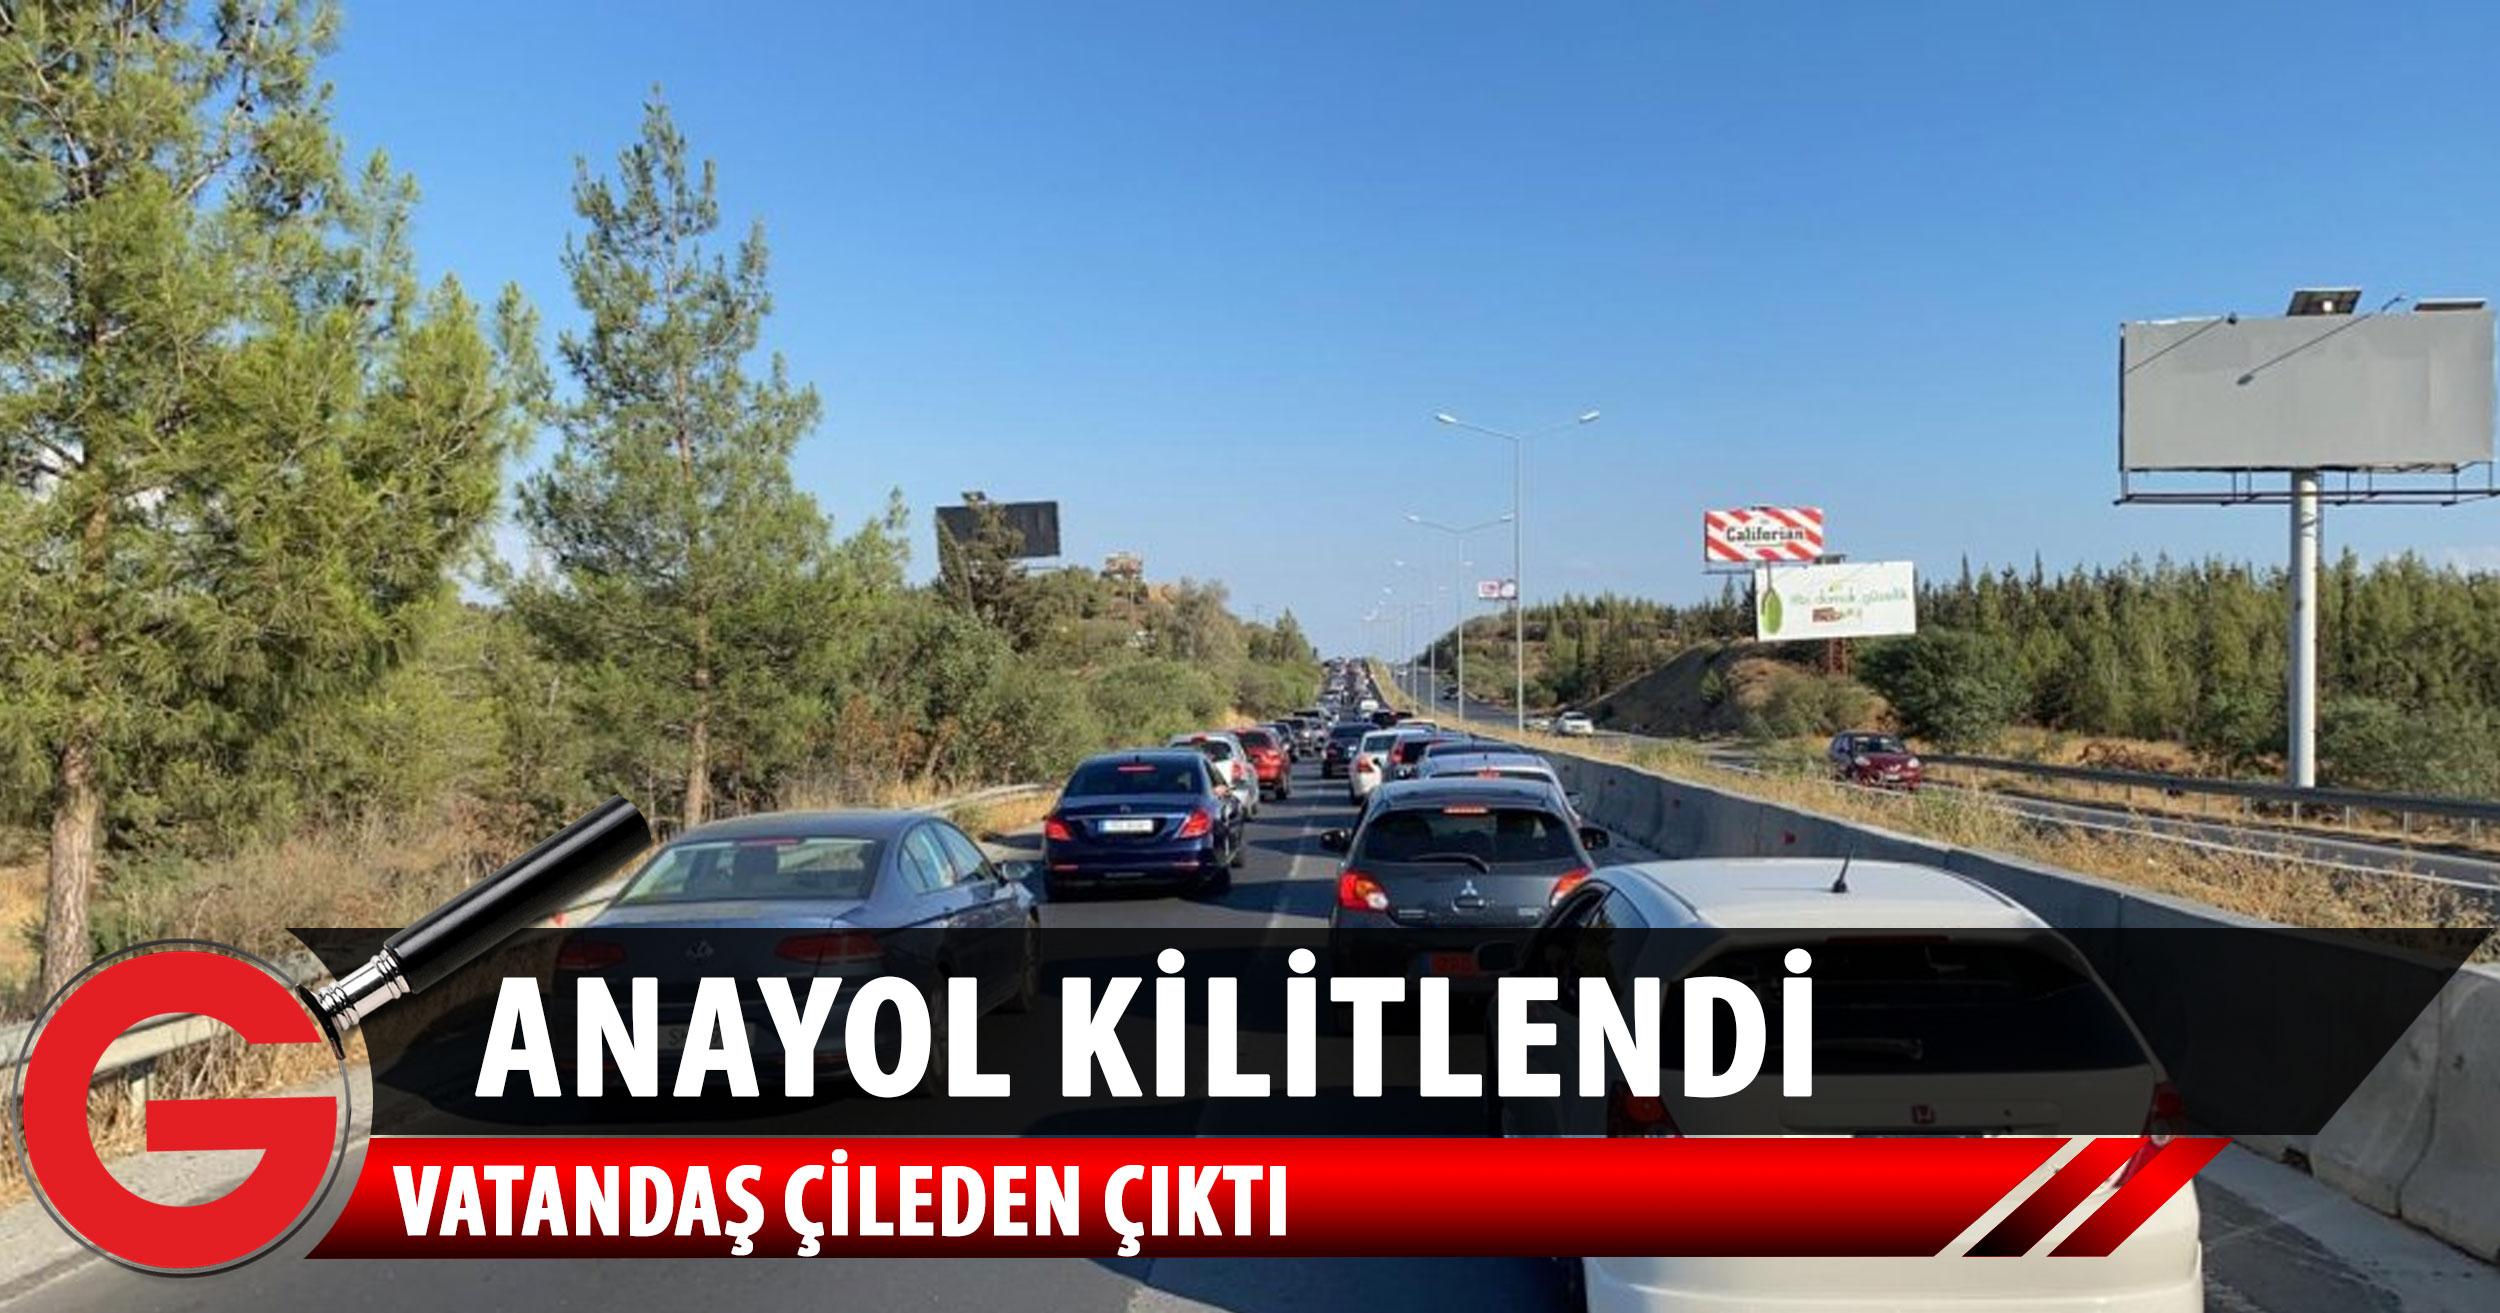 Girne-Lefkoşa Anayolu'nda ciddi yoğunluk